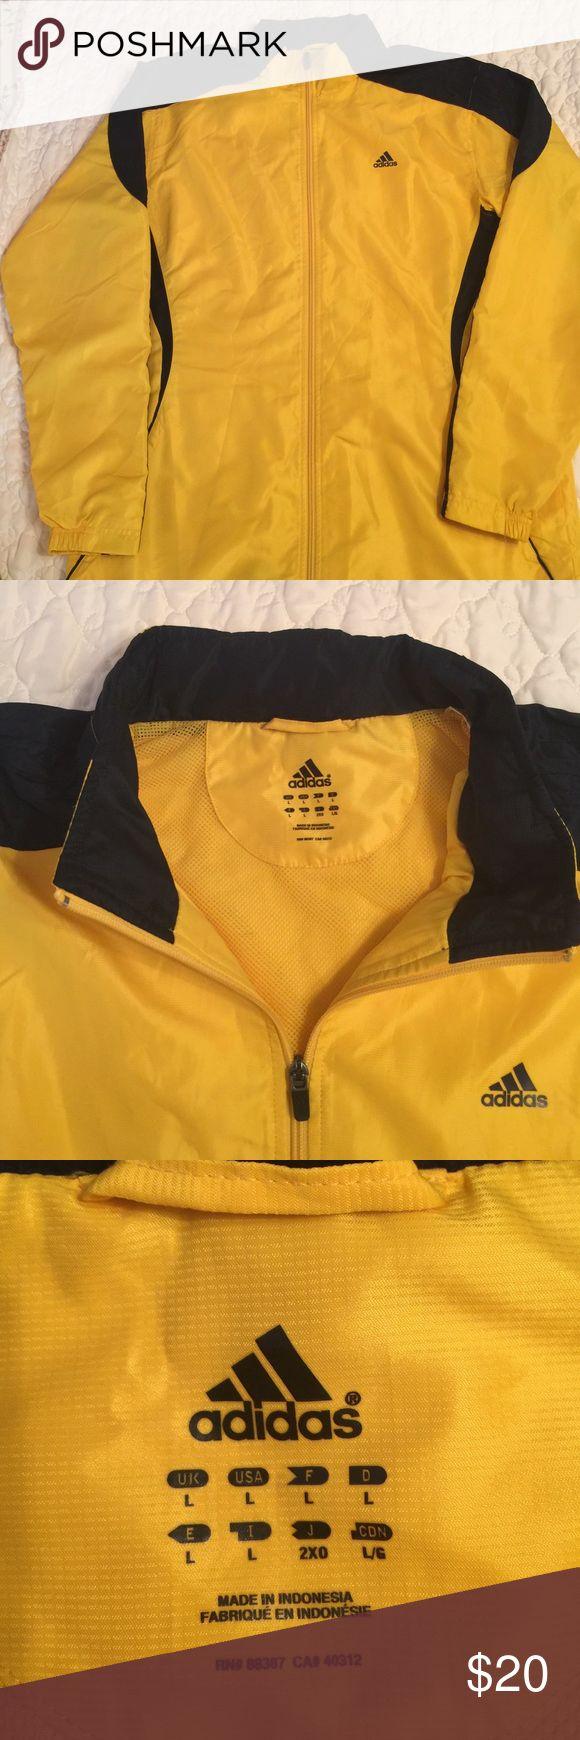 21 Meglio Giacche Sportive Immagini Adidas. Su Pinterest Adidas. Immagini 756cbe